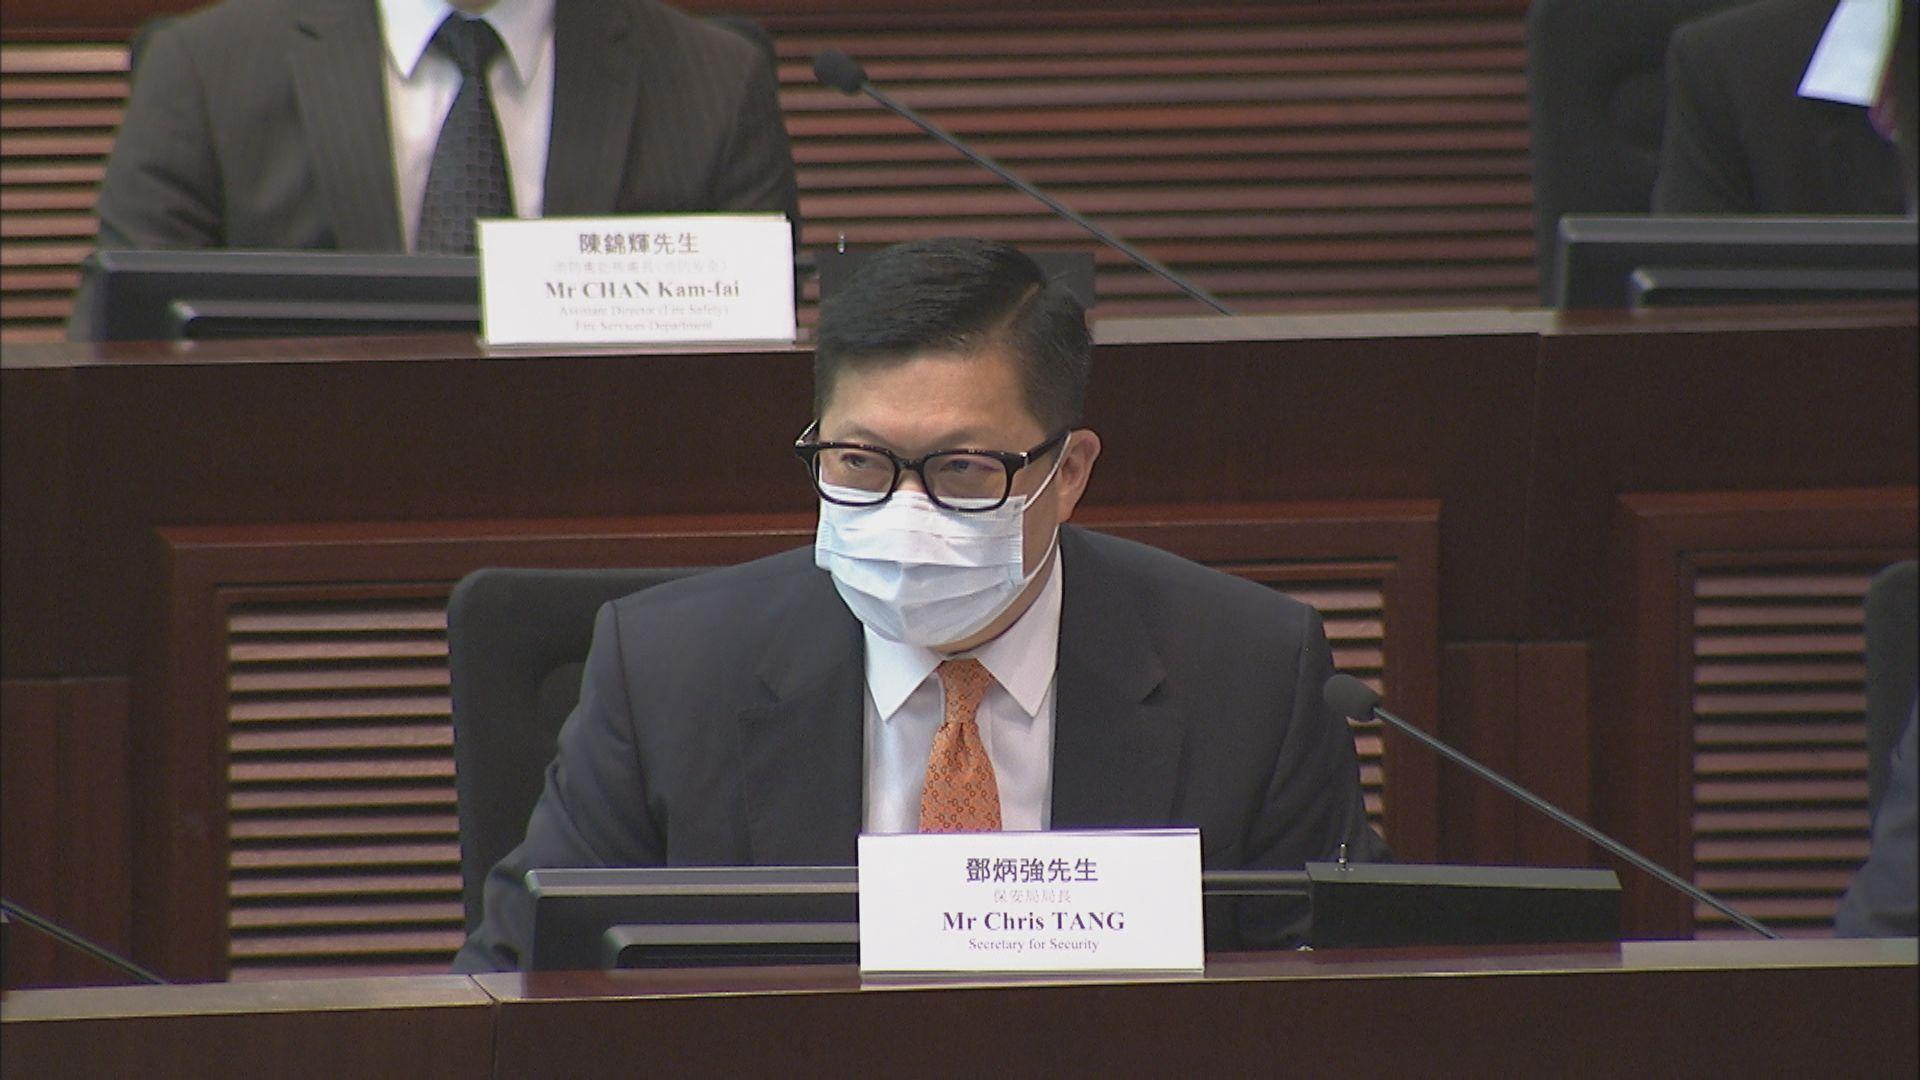 鄧炳強:有法律學者企圖淡化七一襲警 非常不道德